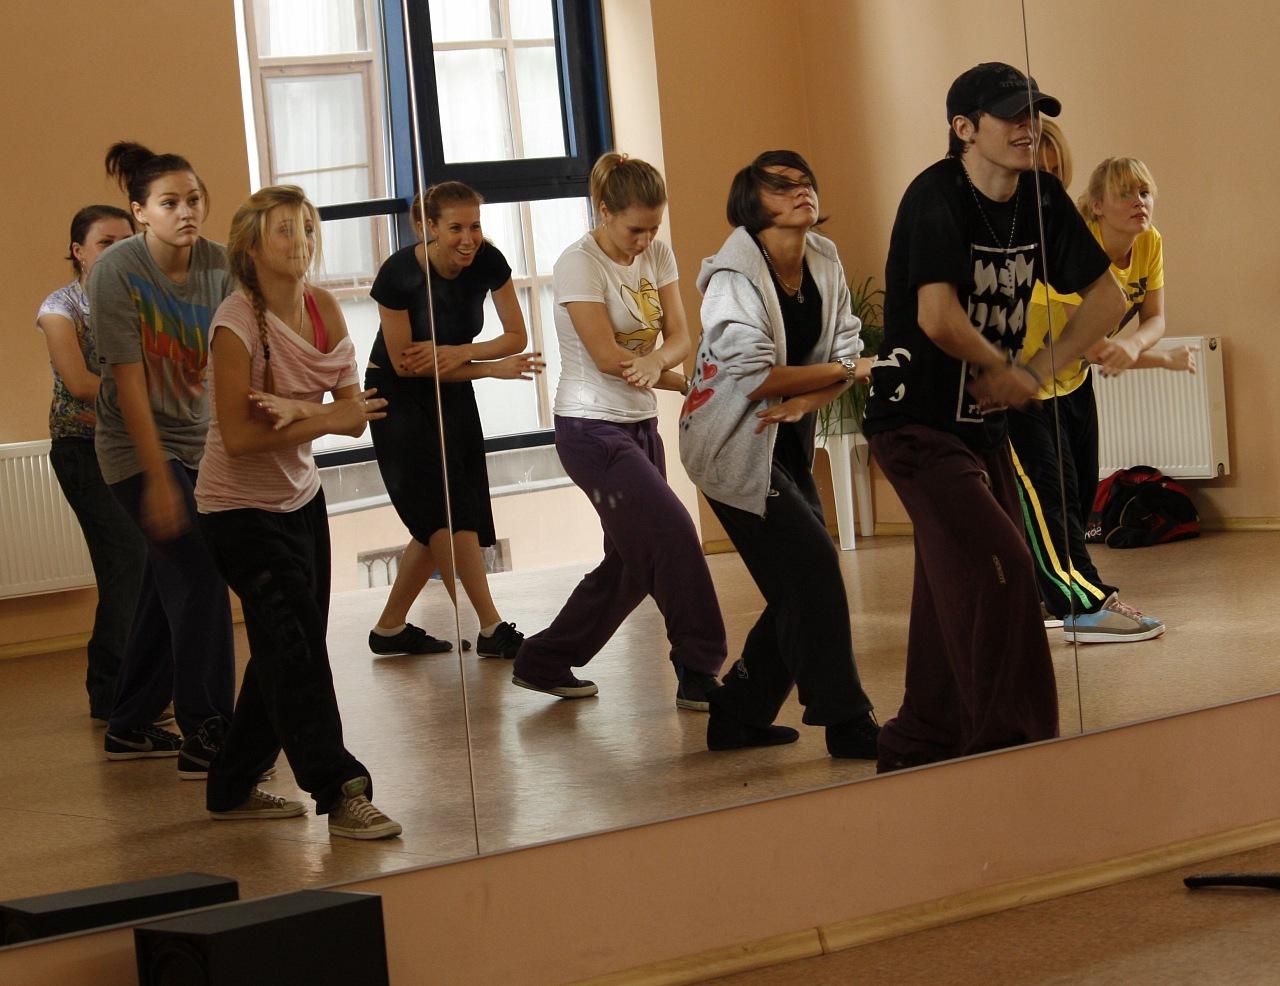 школа современного танца, школа современных танцев, школа современного танца СПб, школа современного танца для взрослых